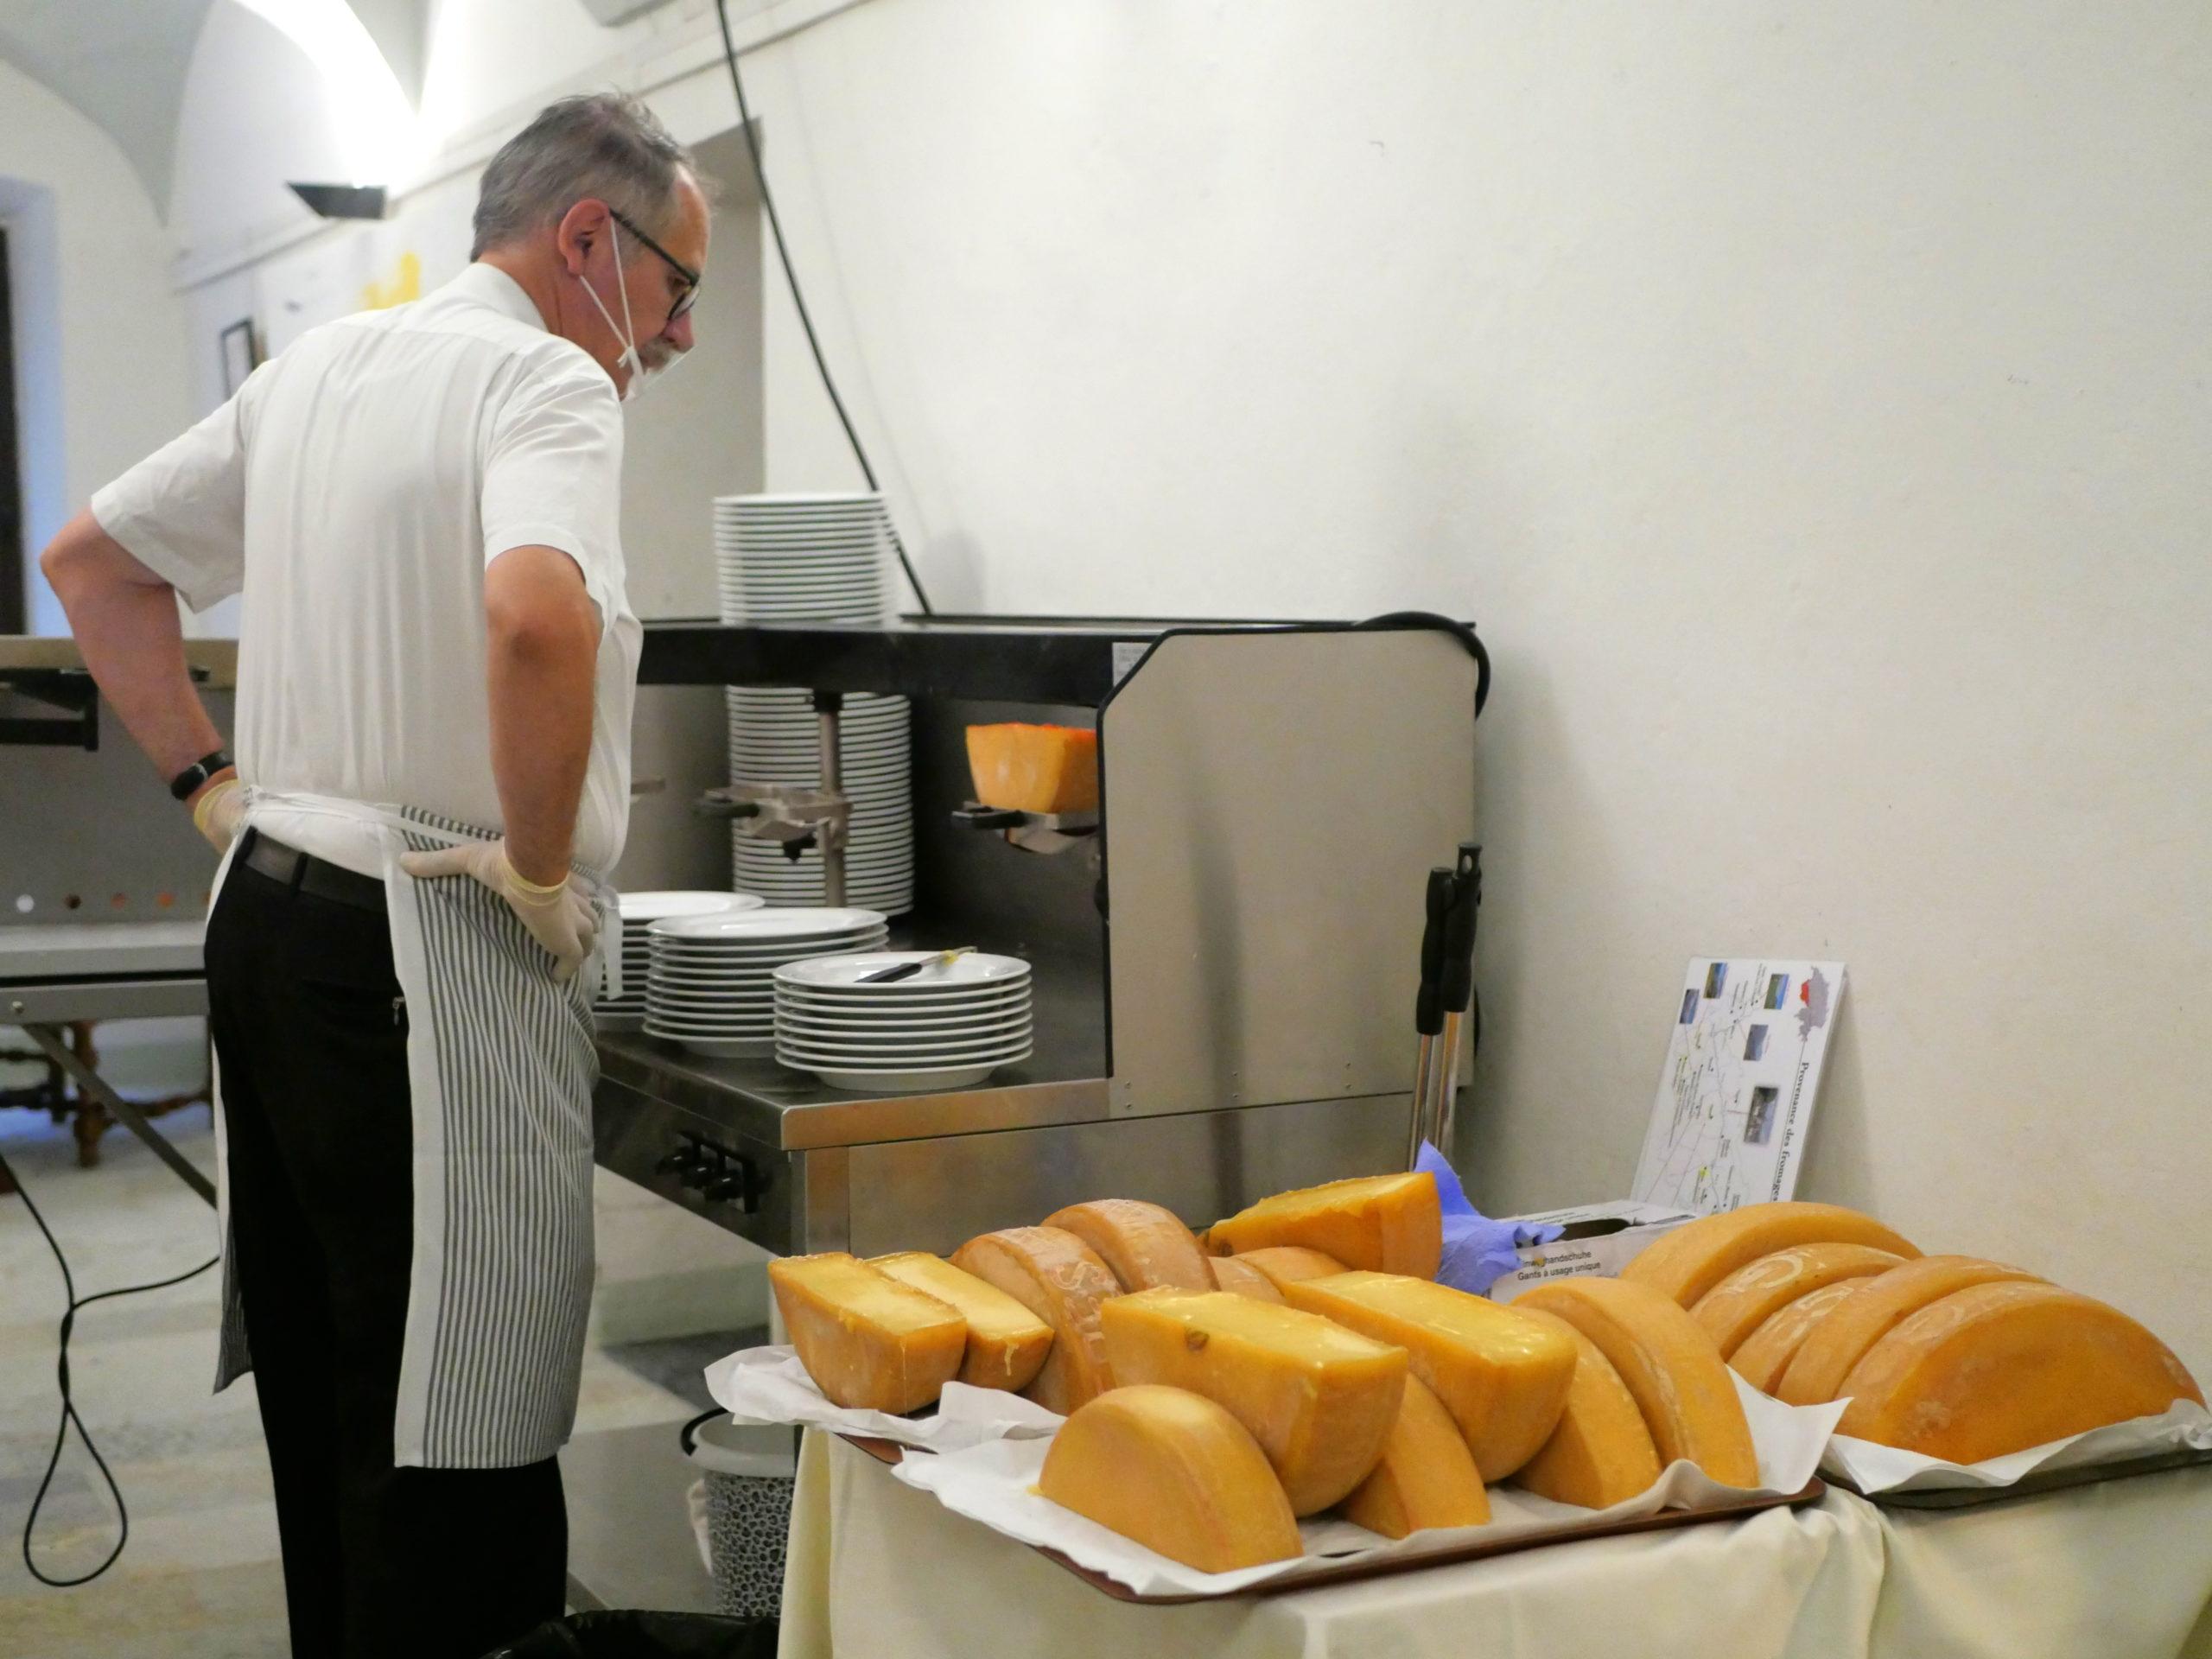 Slow Food Travel en Valais devant le four à raclette au Château de Villa.JPG